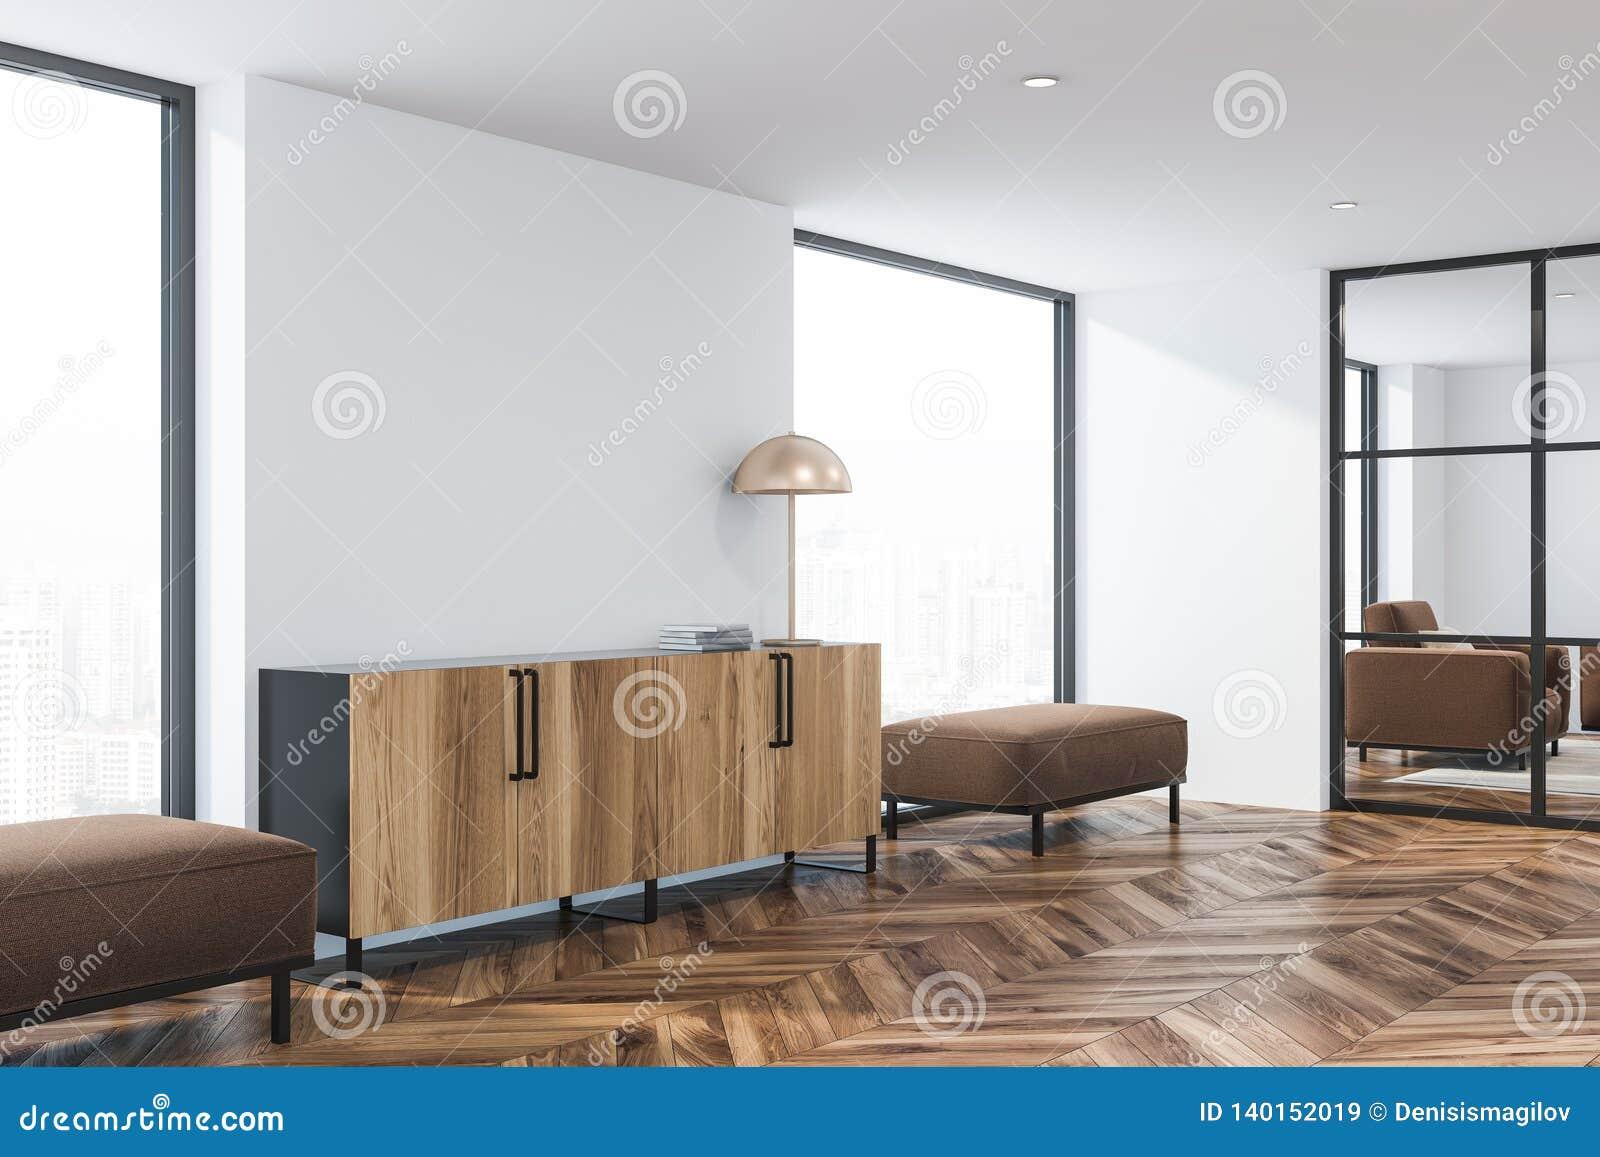 Coin De Salon Moderne Avec Les Murs Blancs, Le Plancher En Bois, Les  Grandes Fenêtres Et Lu0027armoire En Bois Avec La Lampe Se Tenant Entre Les  Canapés Bruns ...